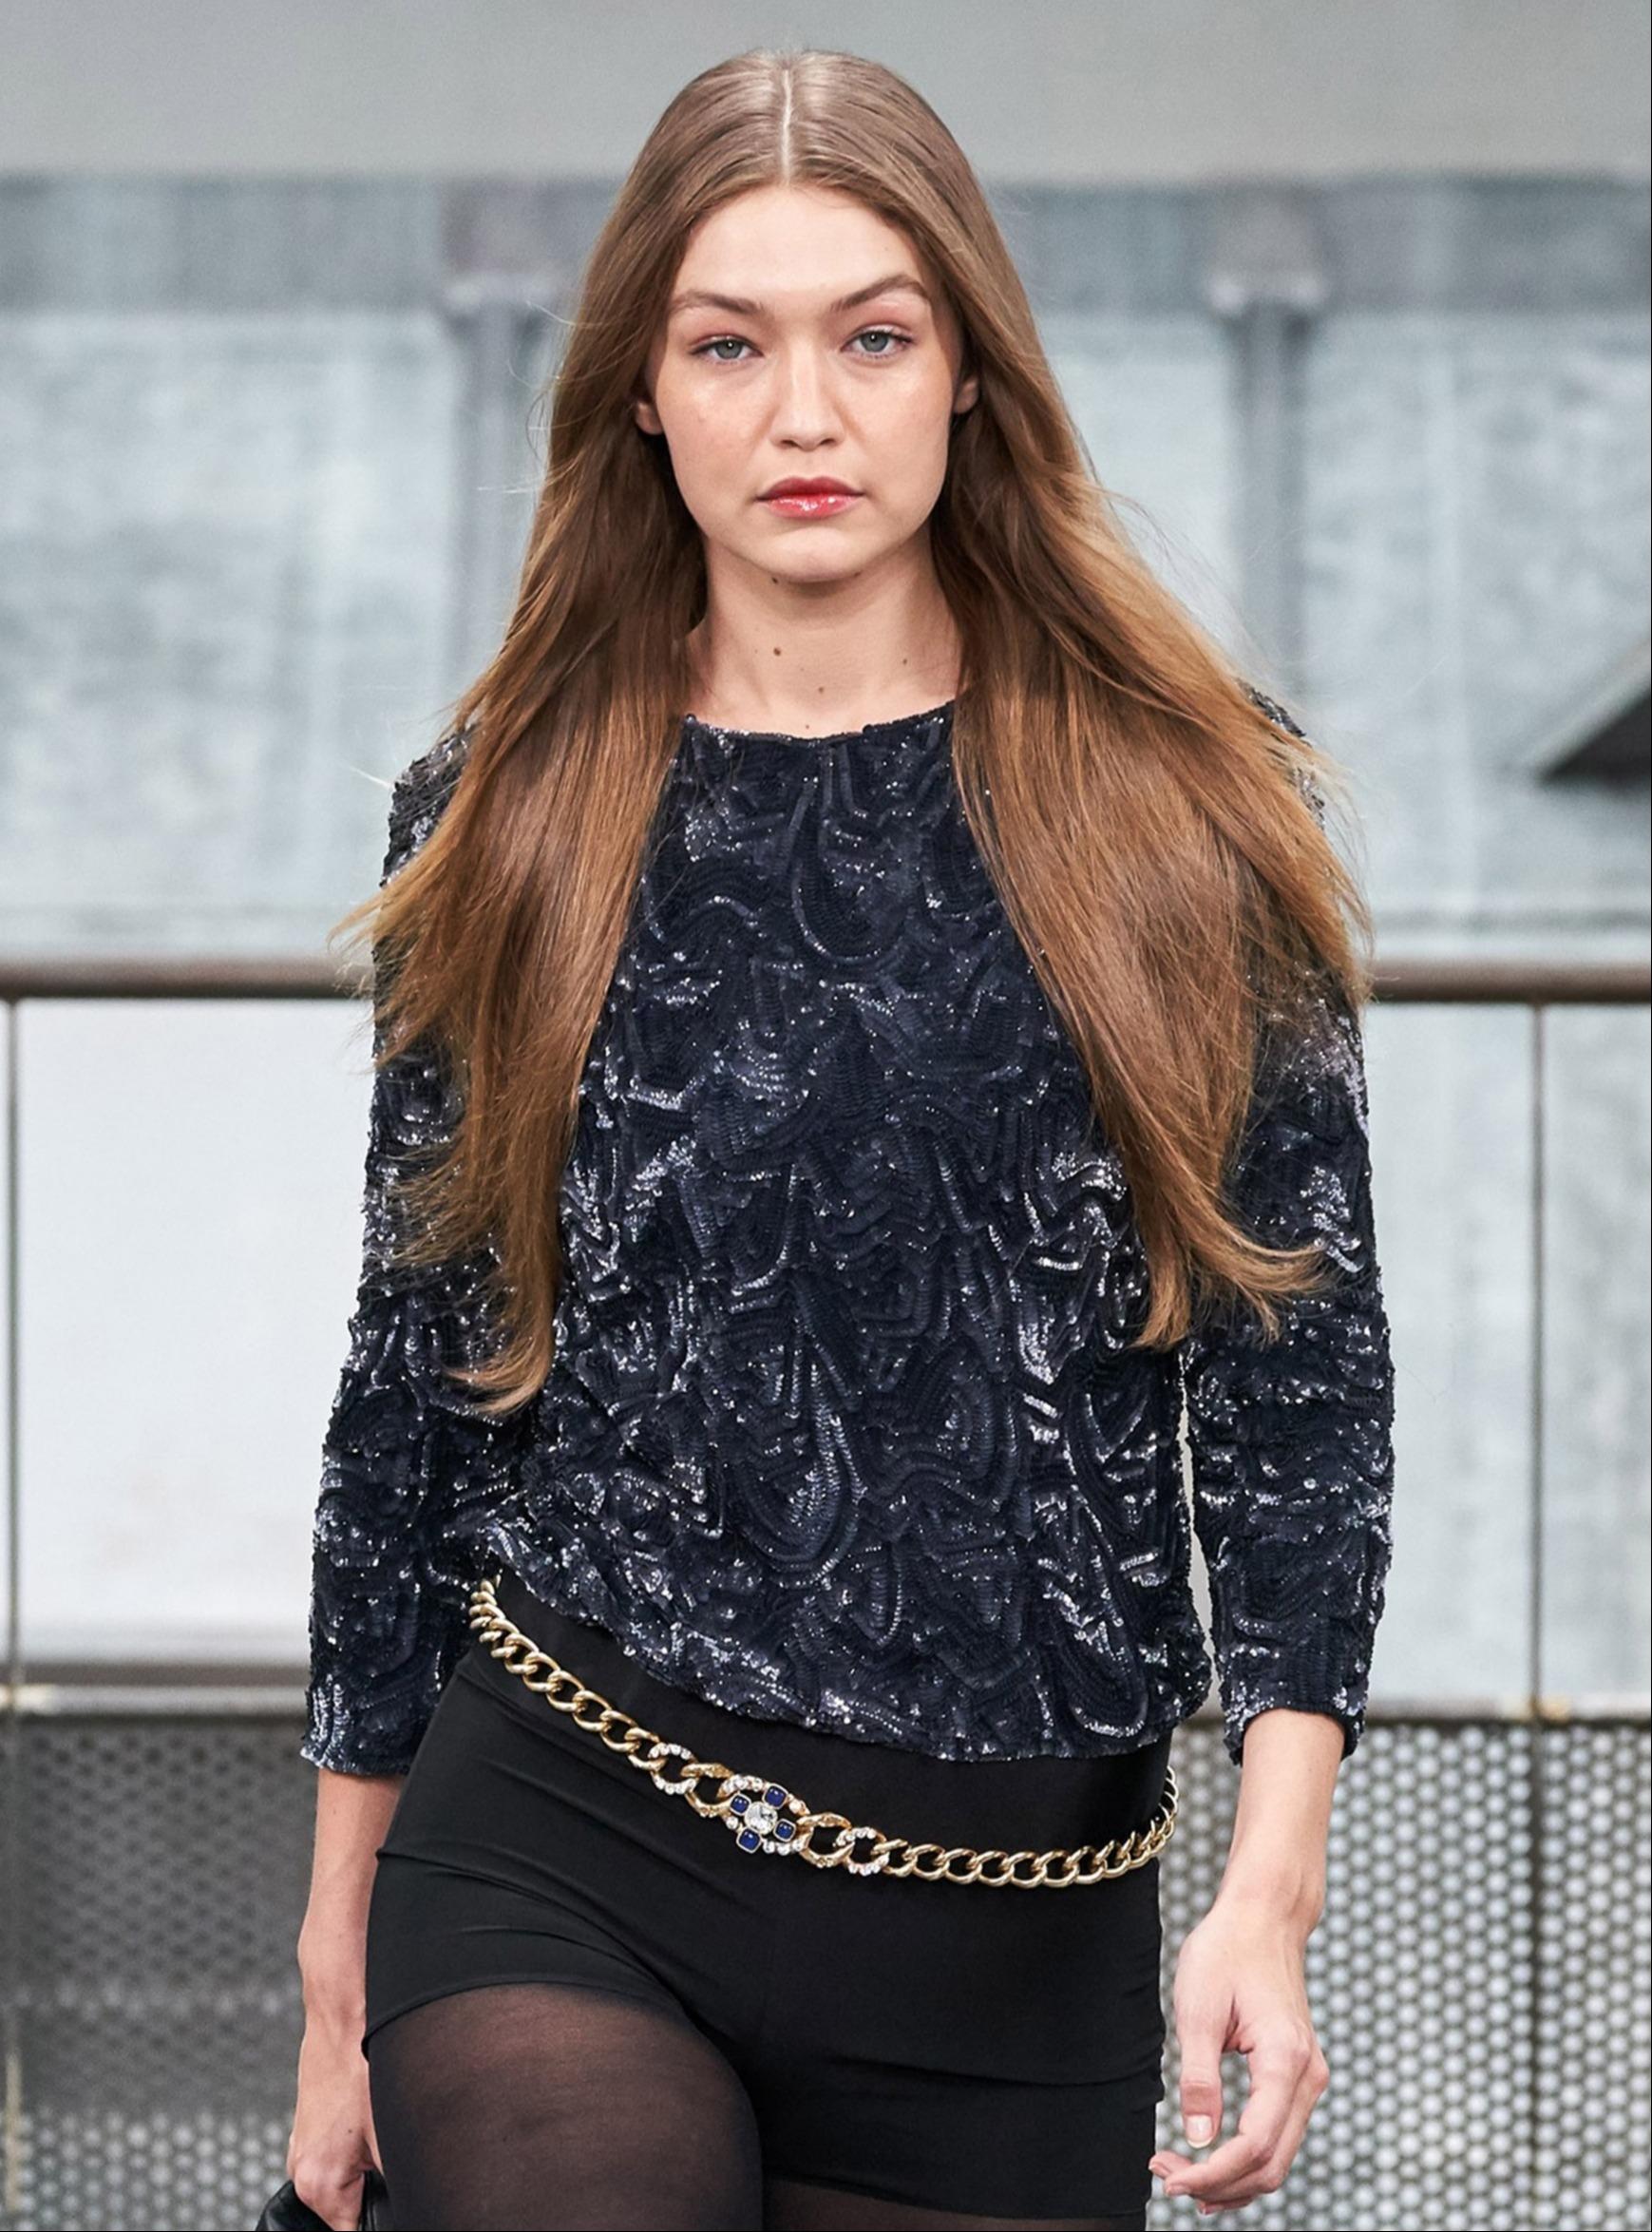 Η Gigi Hadid είναι το πρόσωπο ενός νέου αρώματος που πρέπει να μυρίσεις ο-πωσ-δή-πο-τε!